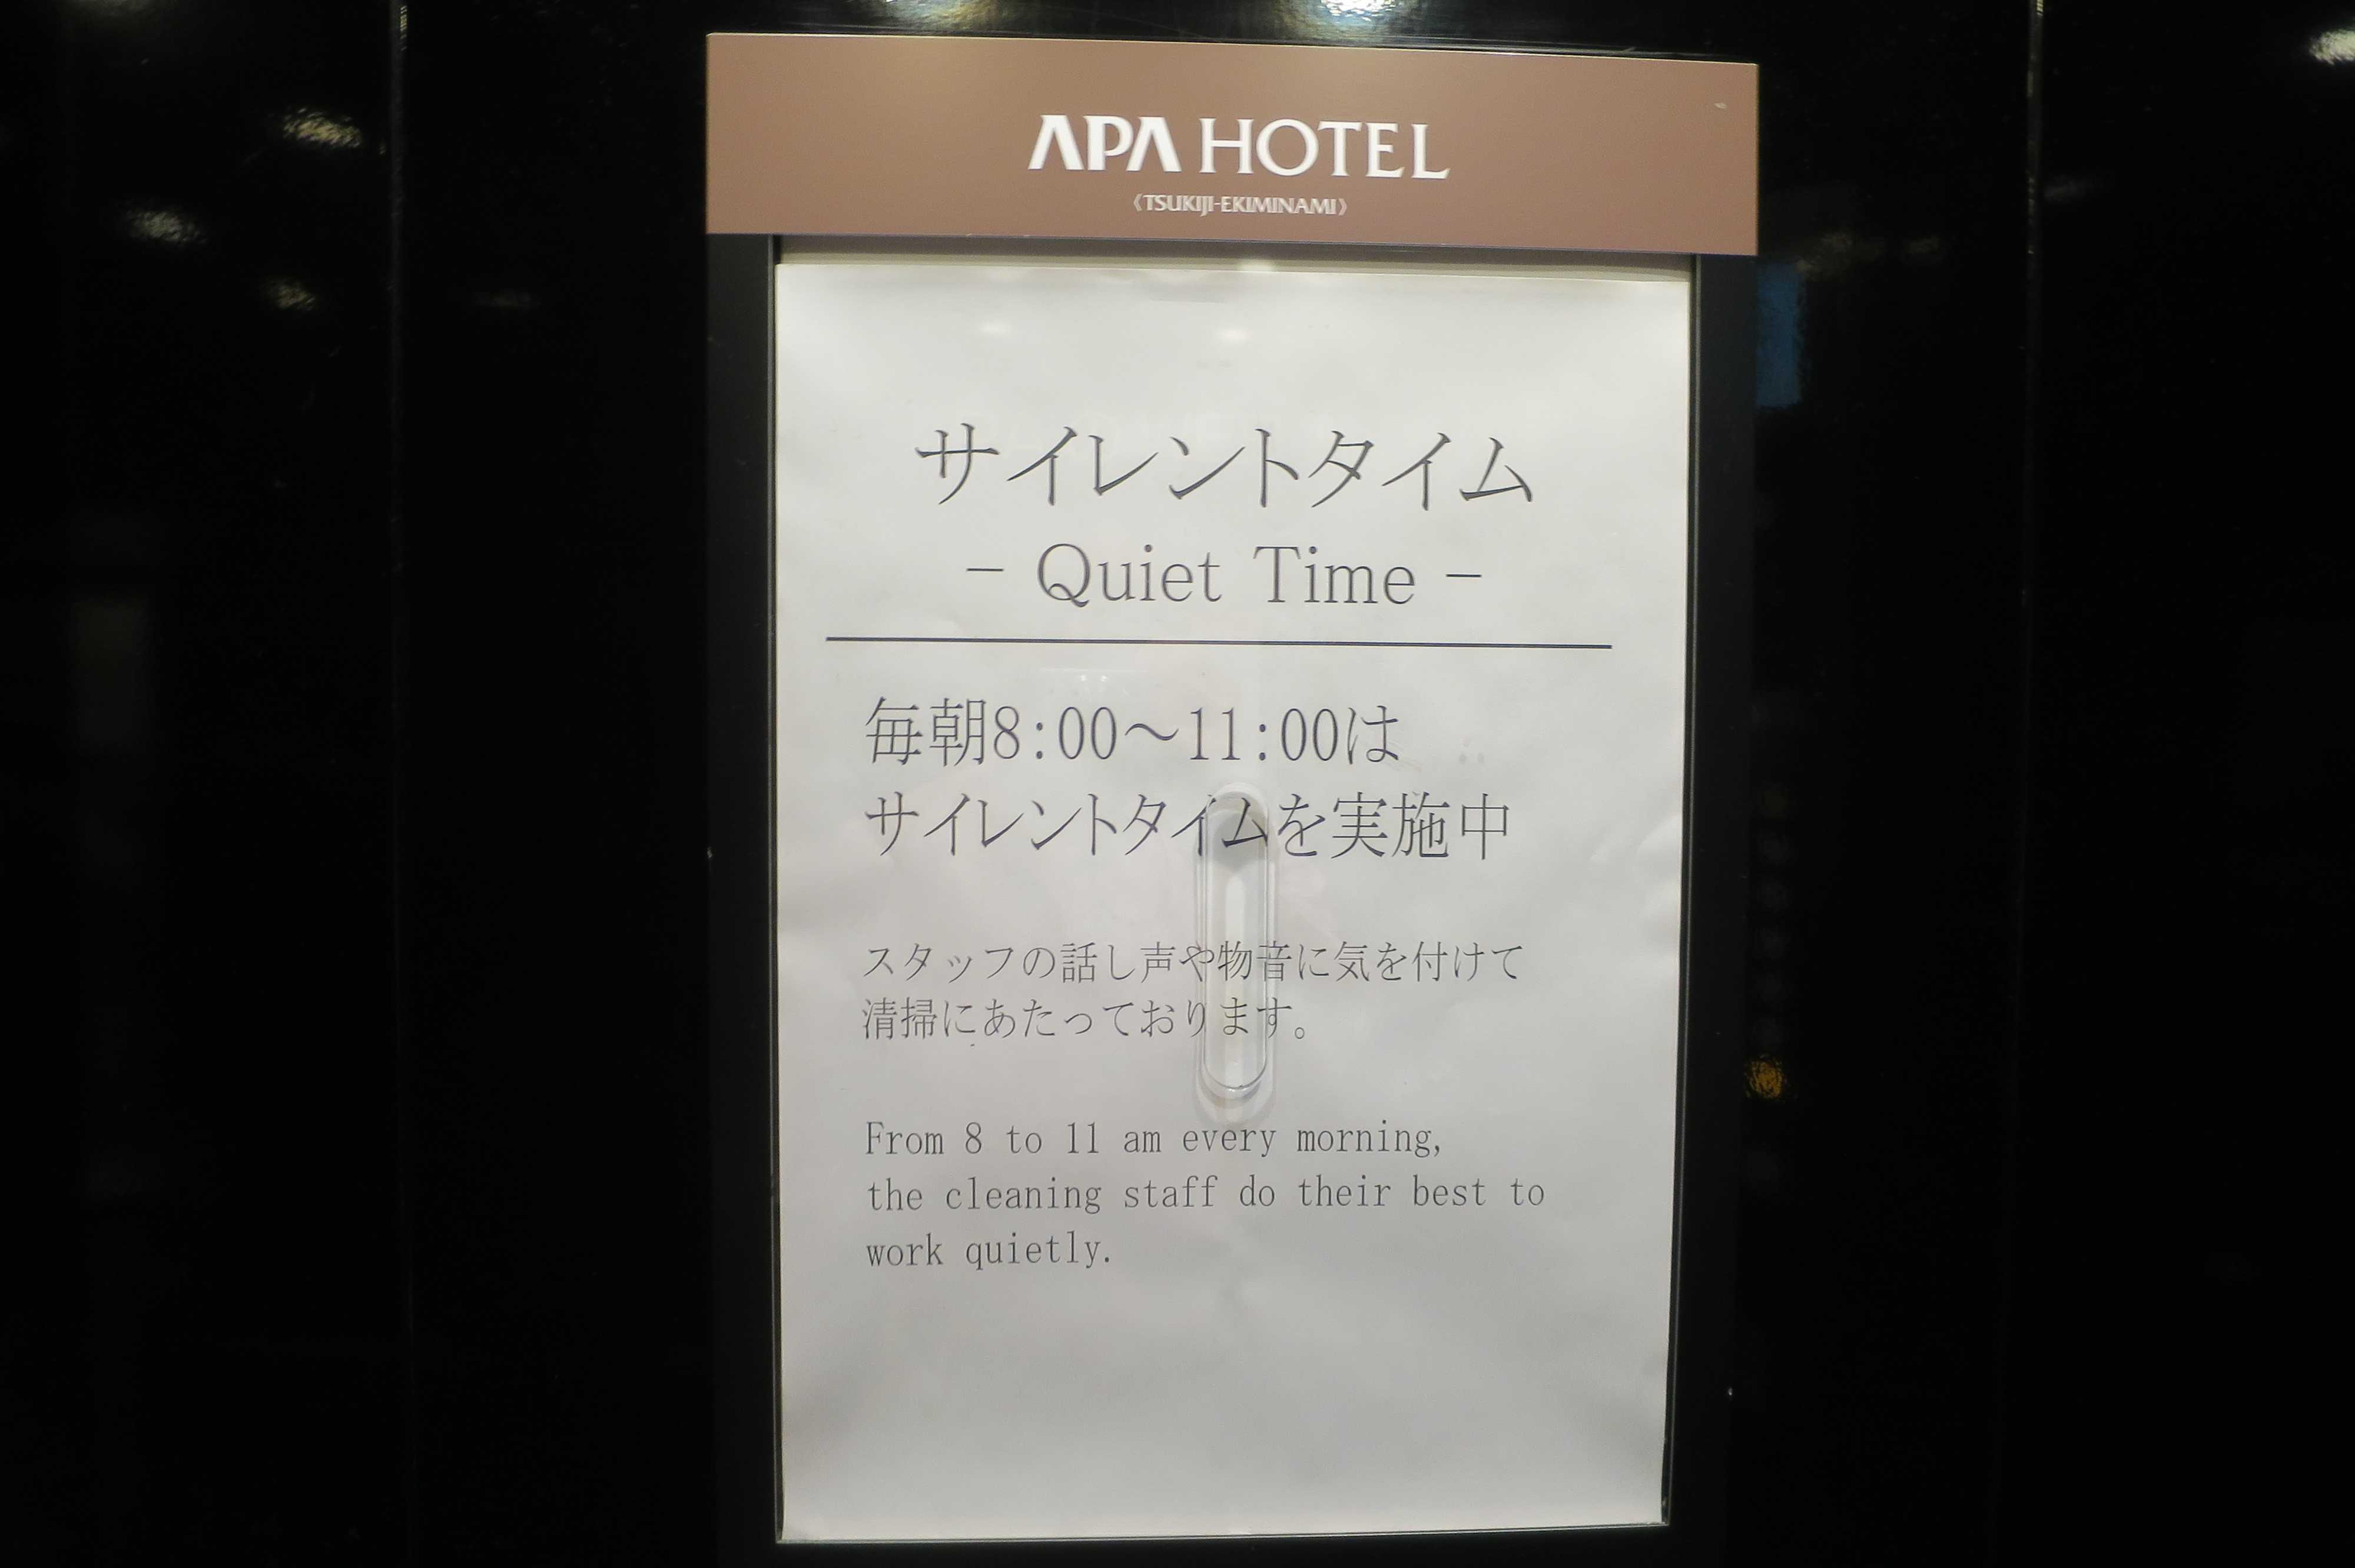 築地エリア - アパホテルのサイレントタイム(Quiet Time)